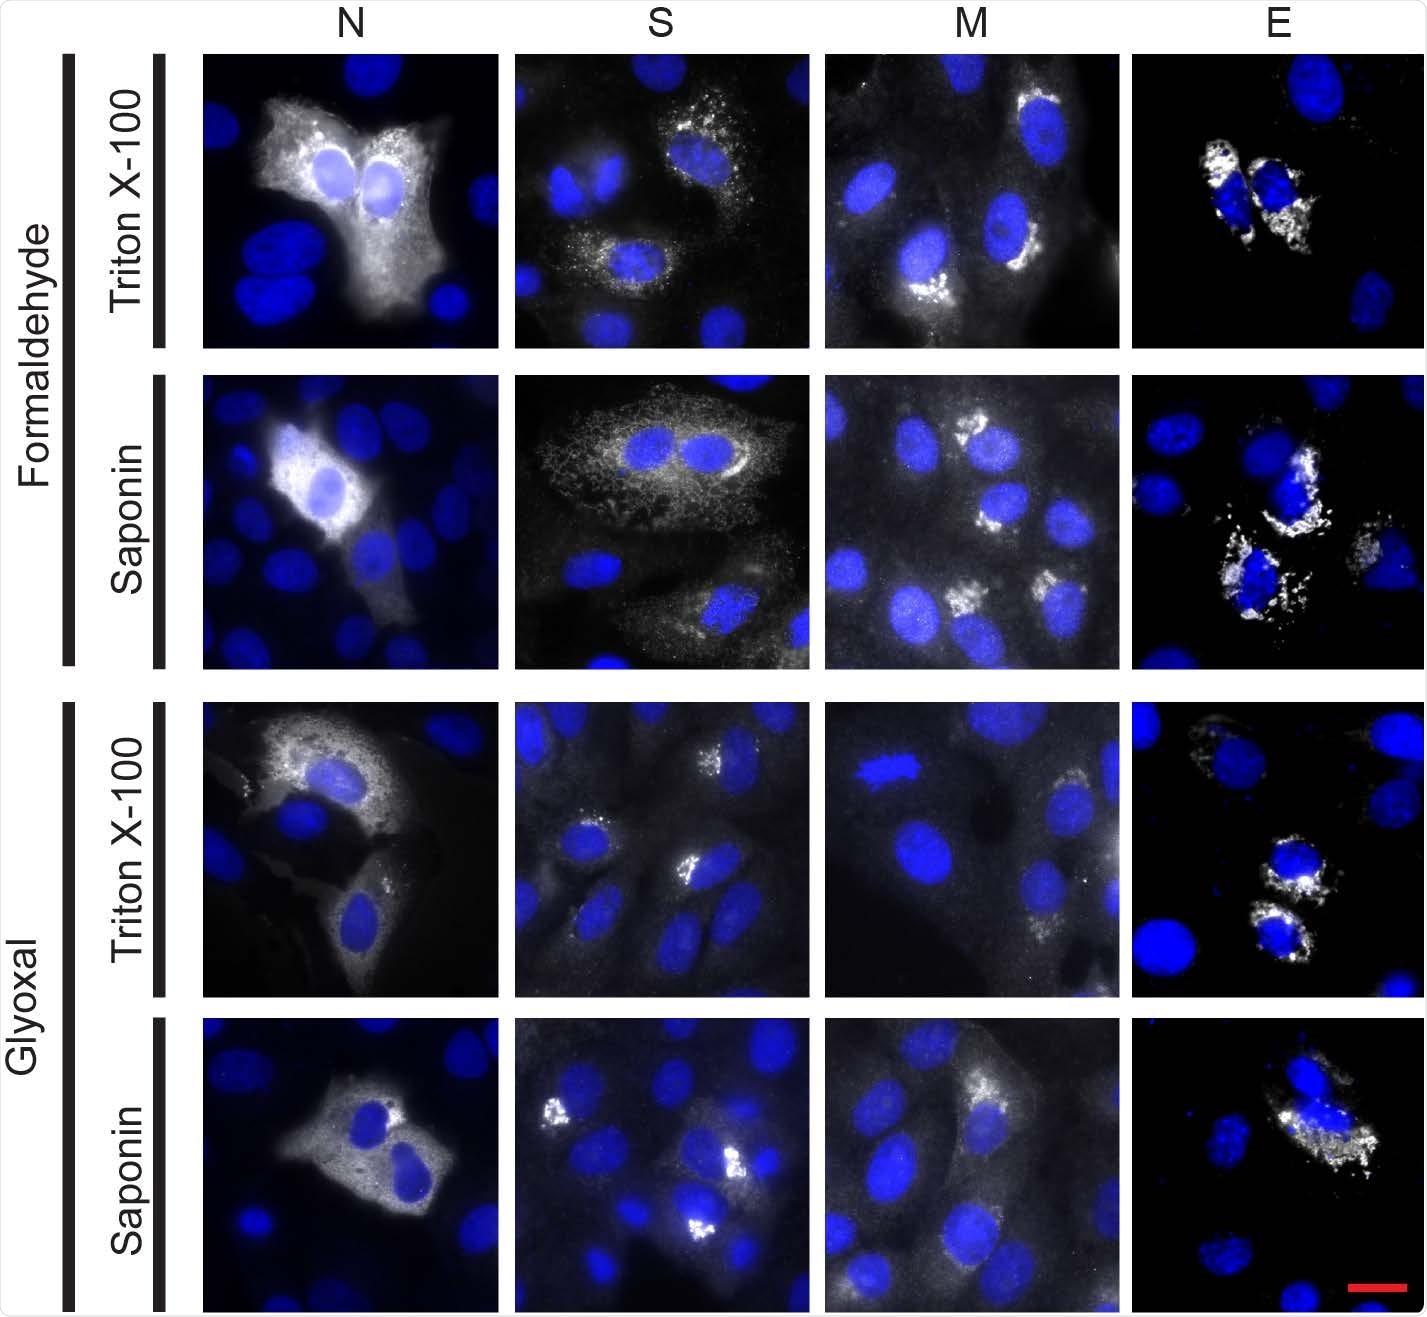 Immunostaining delle quattro proteine strutturali di SARS-CoV-2 (nucleocapsid (n), la punta (s), la membrana (m) e la busta riuscivano per tutti gli stati di fissazione ed anticorpi selezionati. Le celle di Vero transfected per esprimere ciascuna delle quattro proteine virali. Immunostaining riusciva per tutta la (formaldeide o gliossale) chimica di fissazione e gli stati di permeabilization (tritone X-100 o saponina) hanno provato. Il reticolo della proteina della punta era differente nei due stati di fissazione provati, sebbene questa differenza non fosse notata nei campioni infettati. La proteina di Nucleocapsid è stata individuata facendo uso di un Fluor 568 di Alexa ha coniugato l